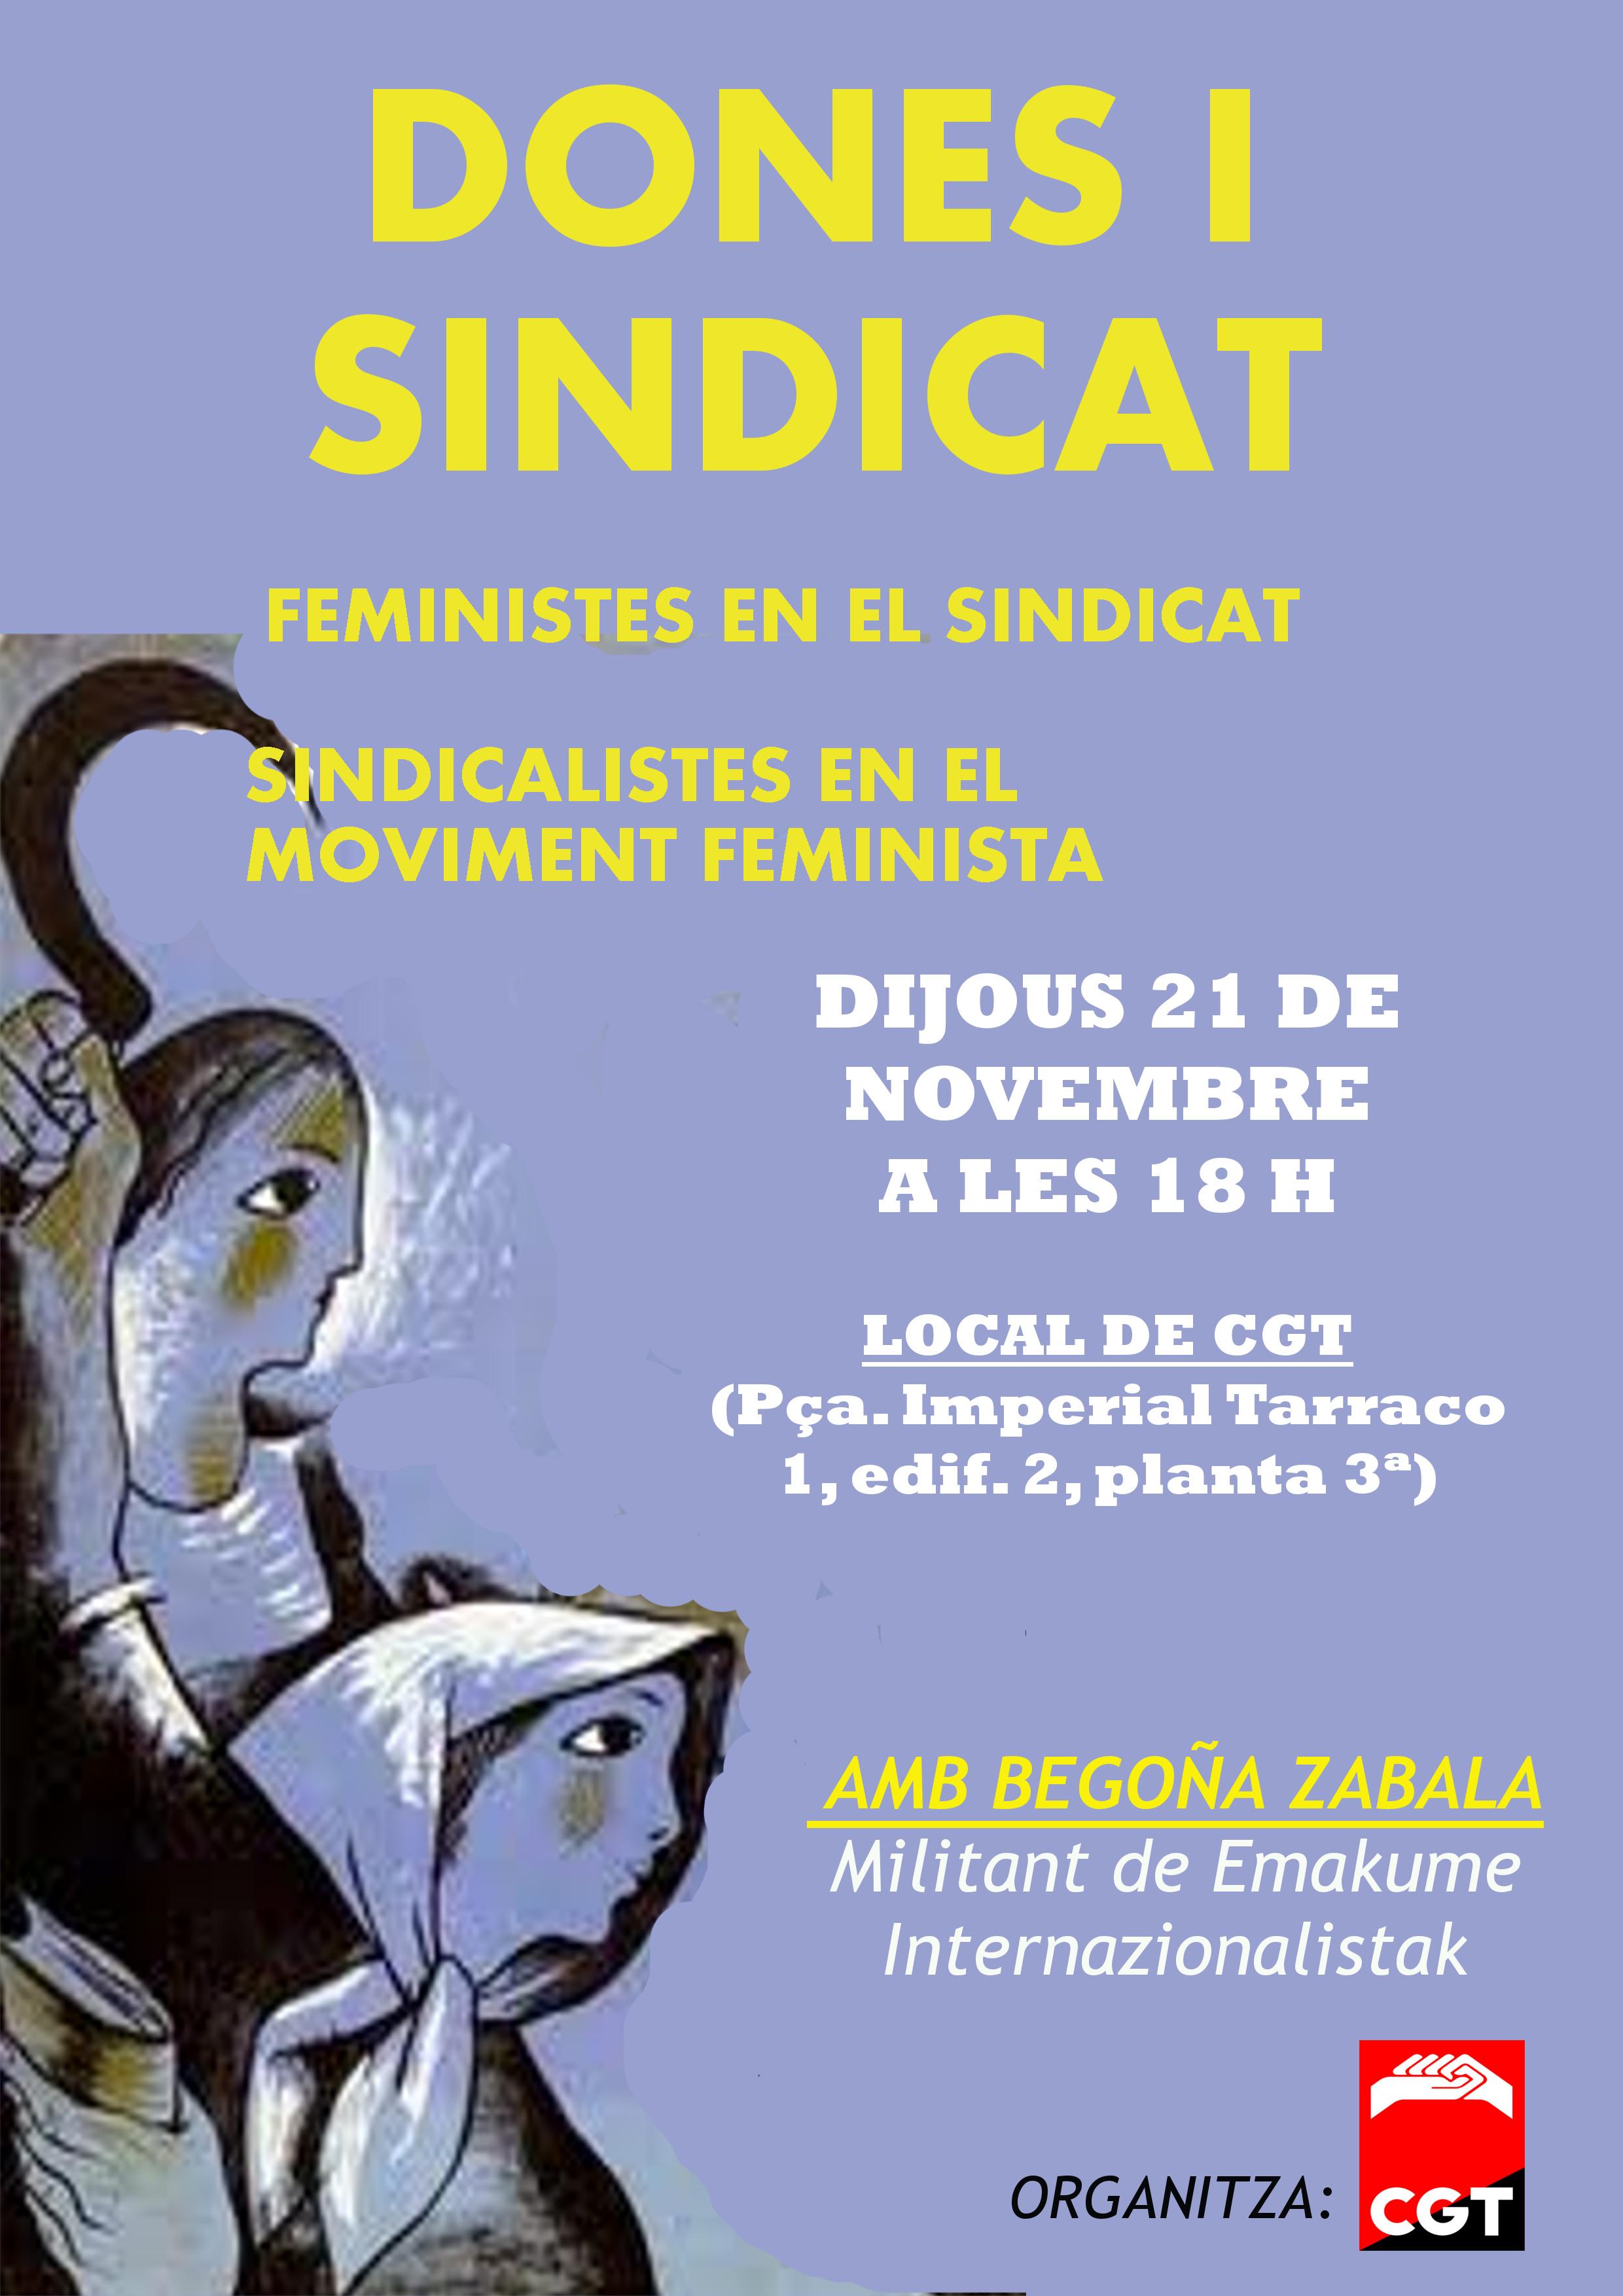 Xerrada dona i sindicat, el 21 de novembre a Tarragona